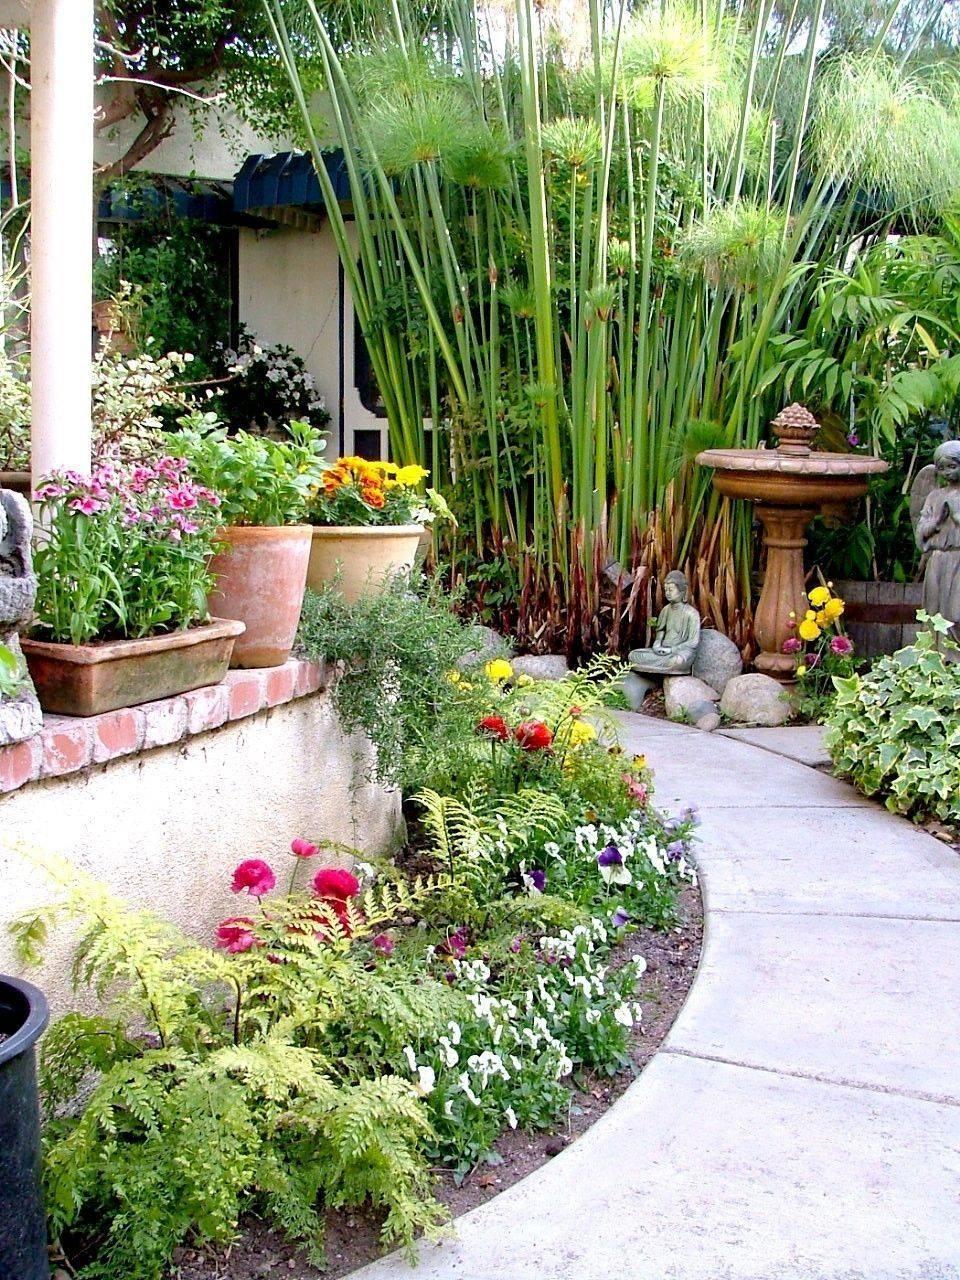 tropical garden ideas-733664595526179010